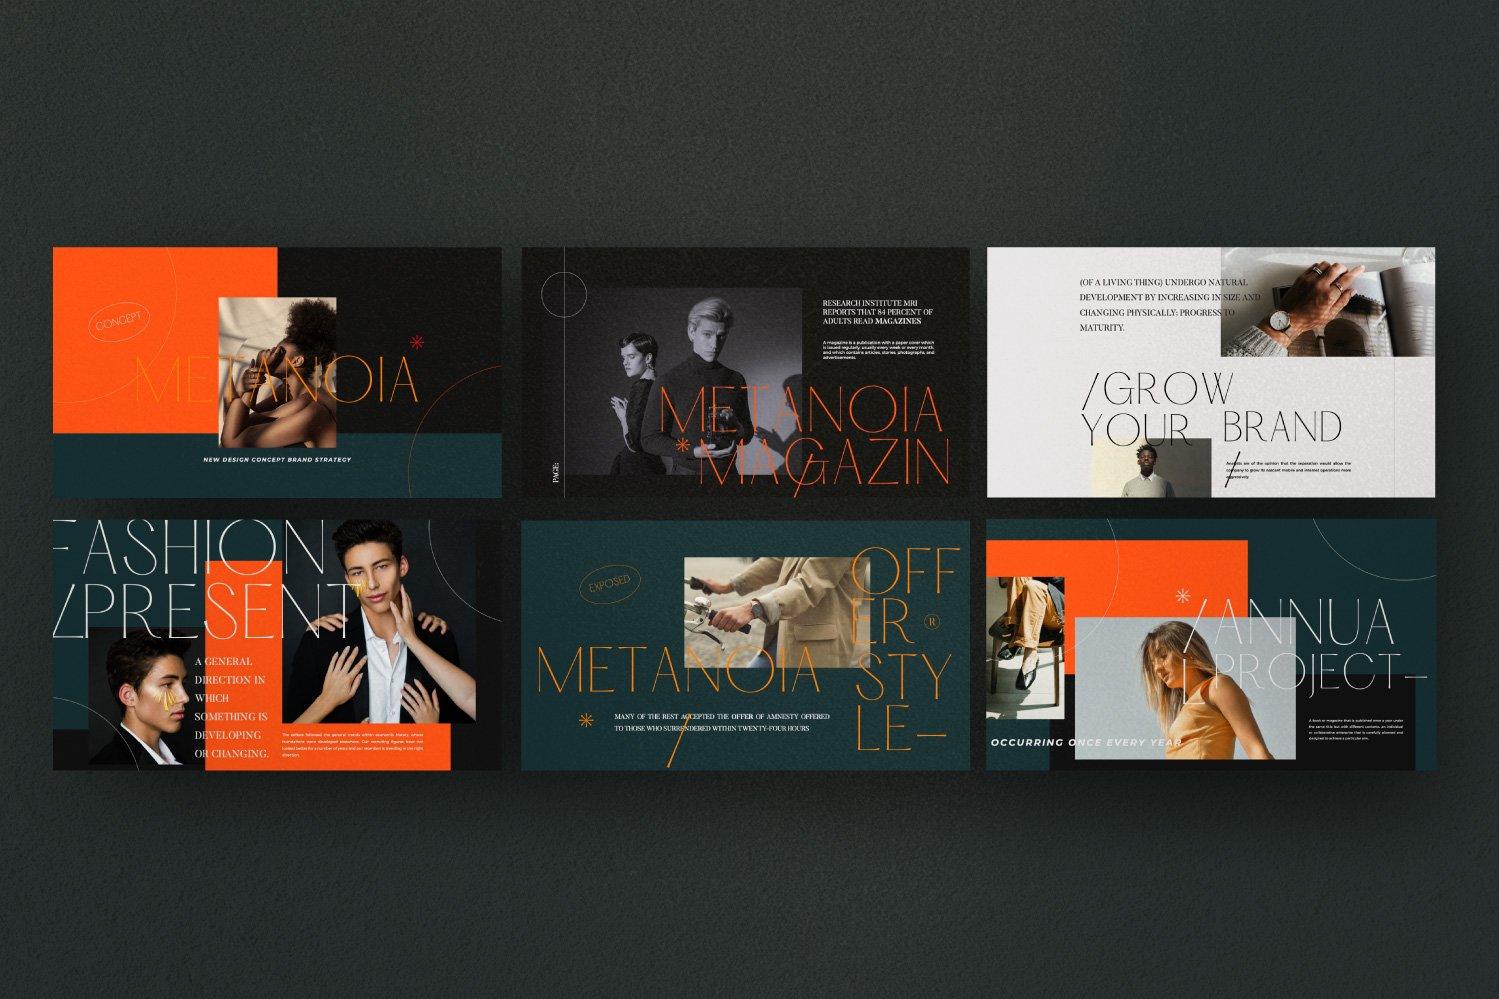 时尚潮流服装品牌摄影作品集幻灯片设计模板 Metanoia – Brand Fashion Powerpoint插图(4)